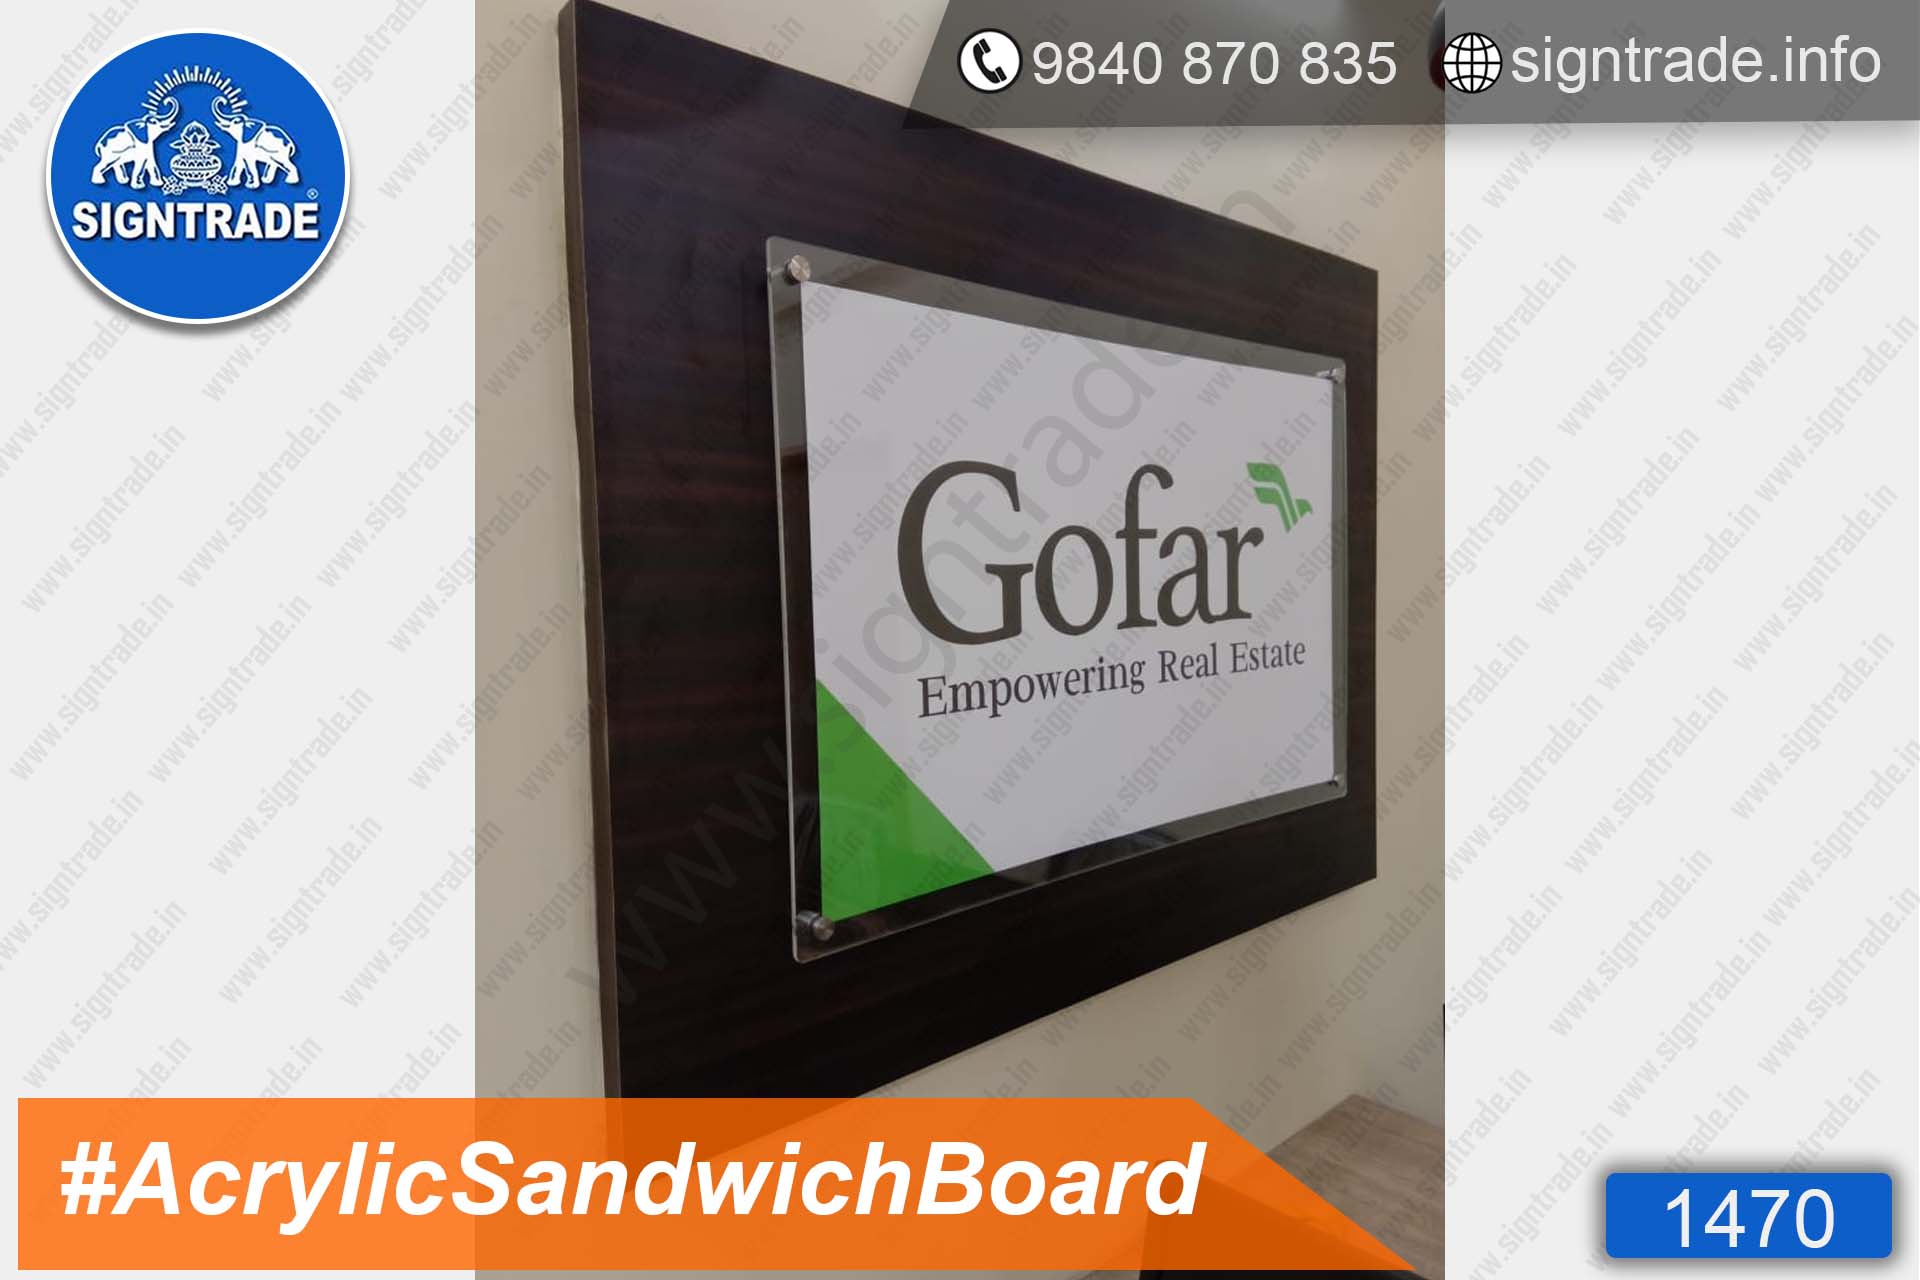 Gofar Empowering Real Estate - Acrylic Sandwich Board - SIGNTRADE - Acrylic Sandwich Board Manufacture in Chennai